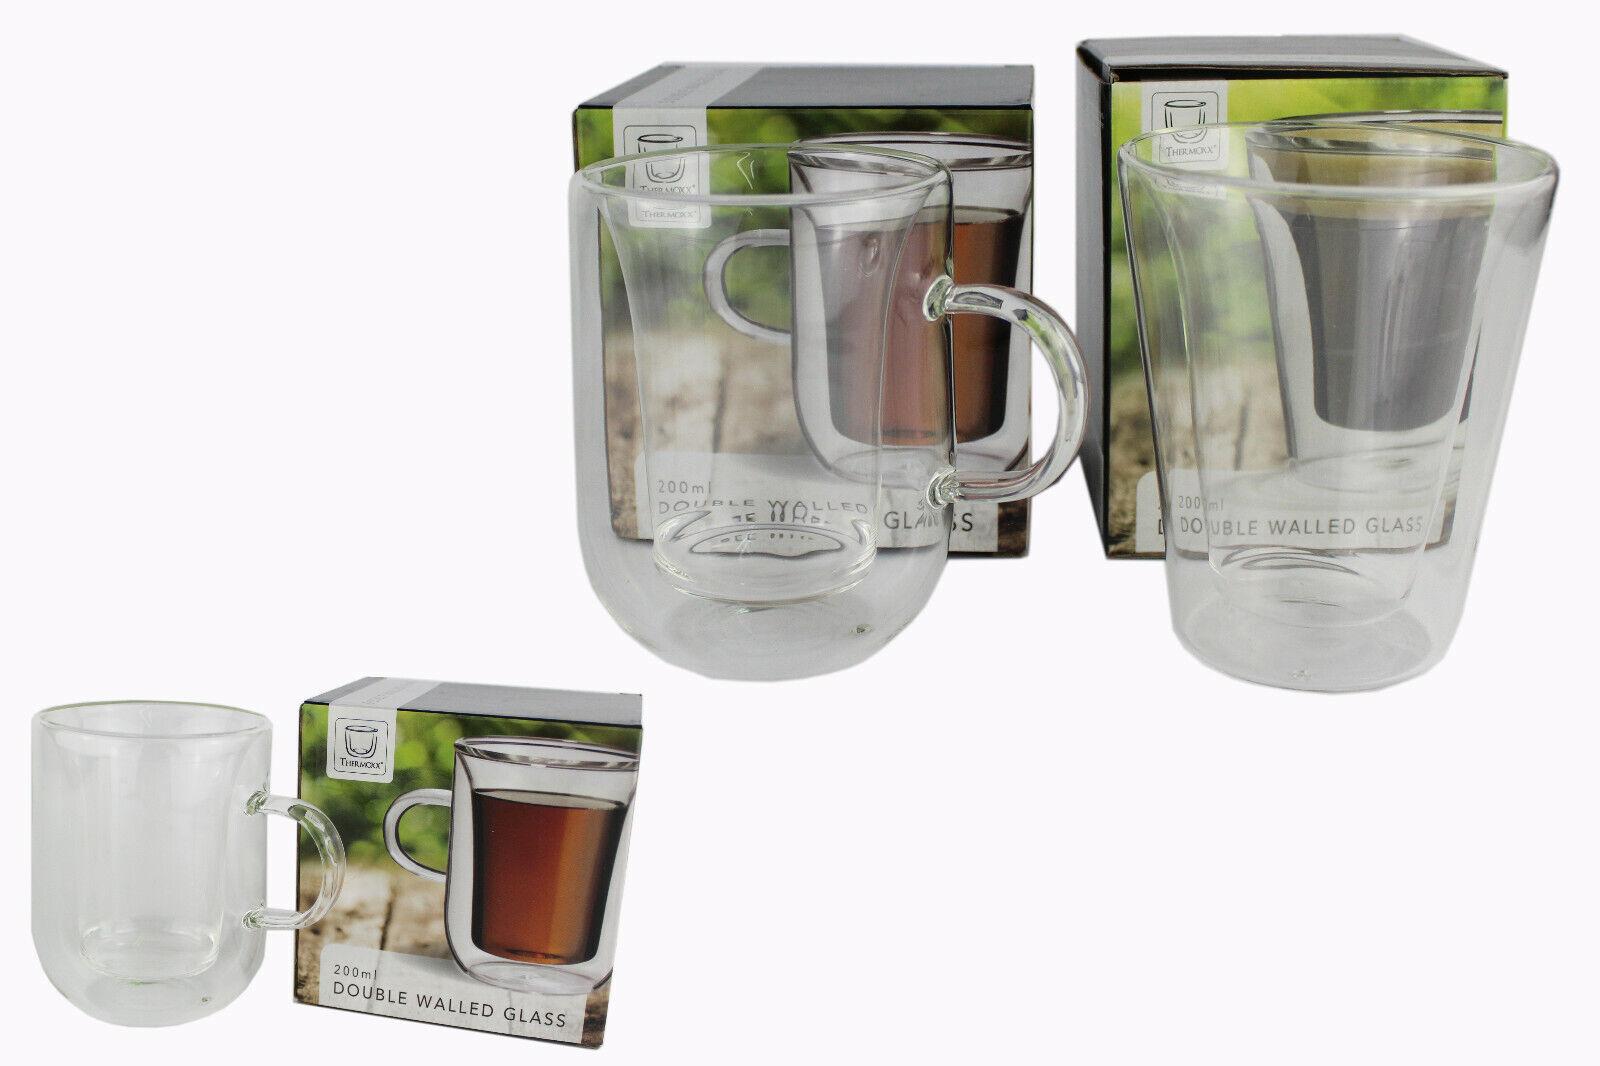 Doppelwandige Thermo Glas Trinkglas Wasser Cafe Tee glas mit Henkel 200 ml